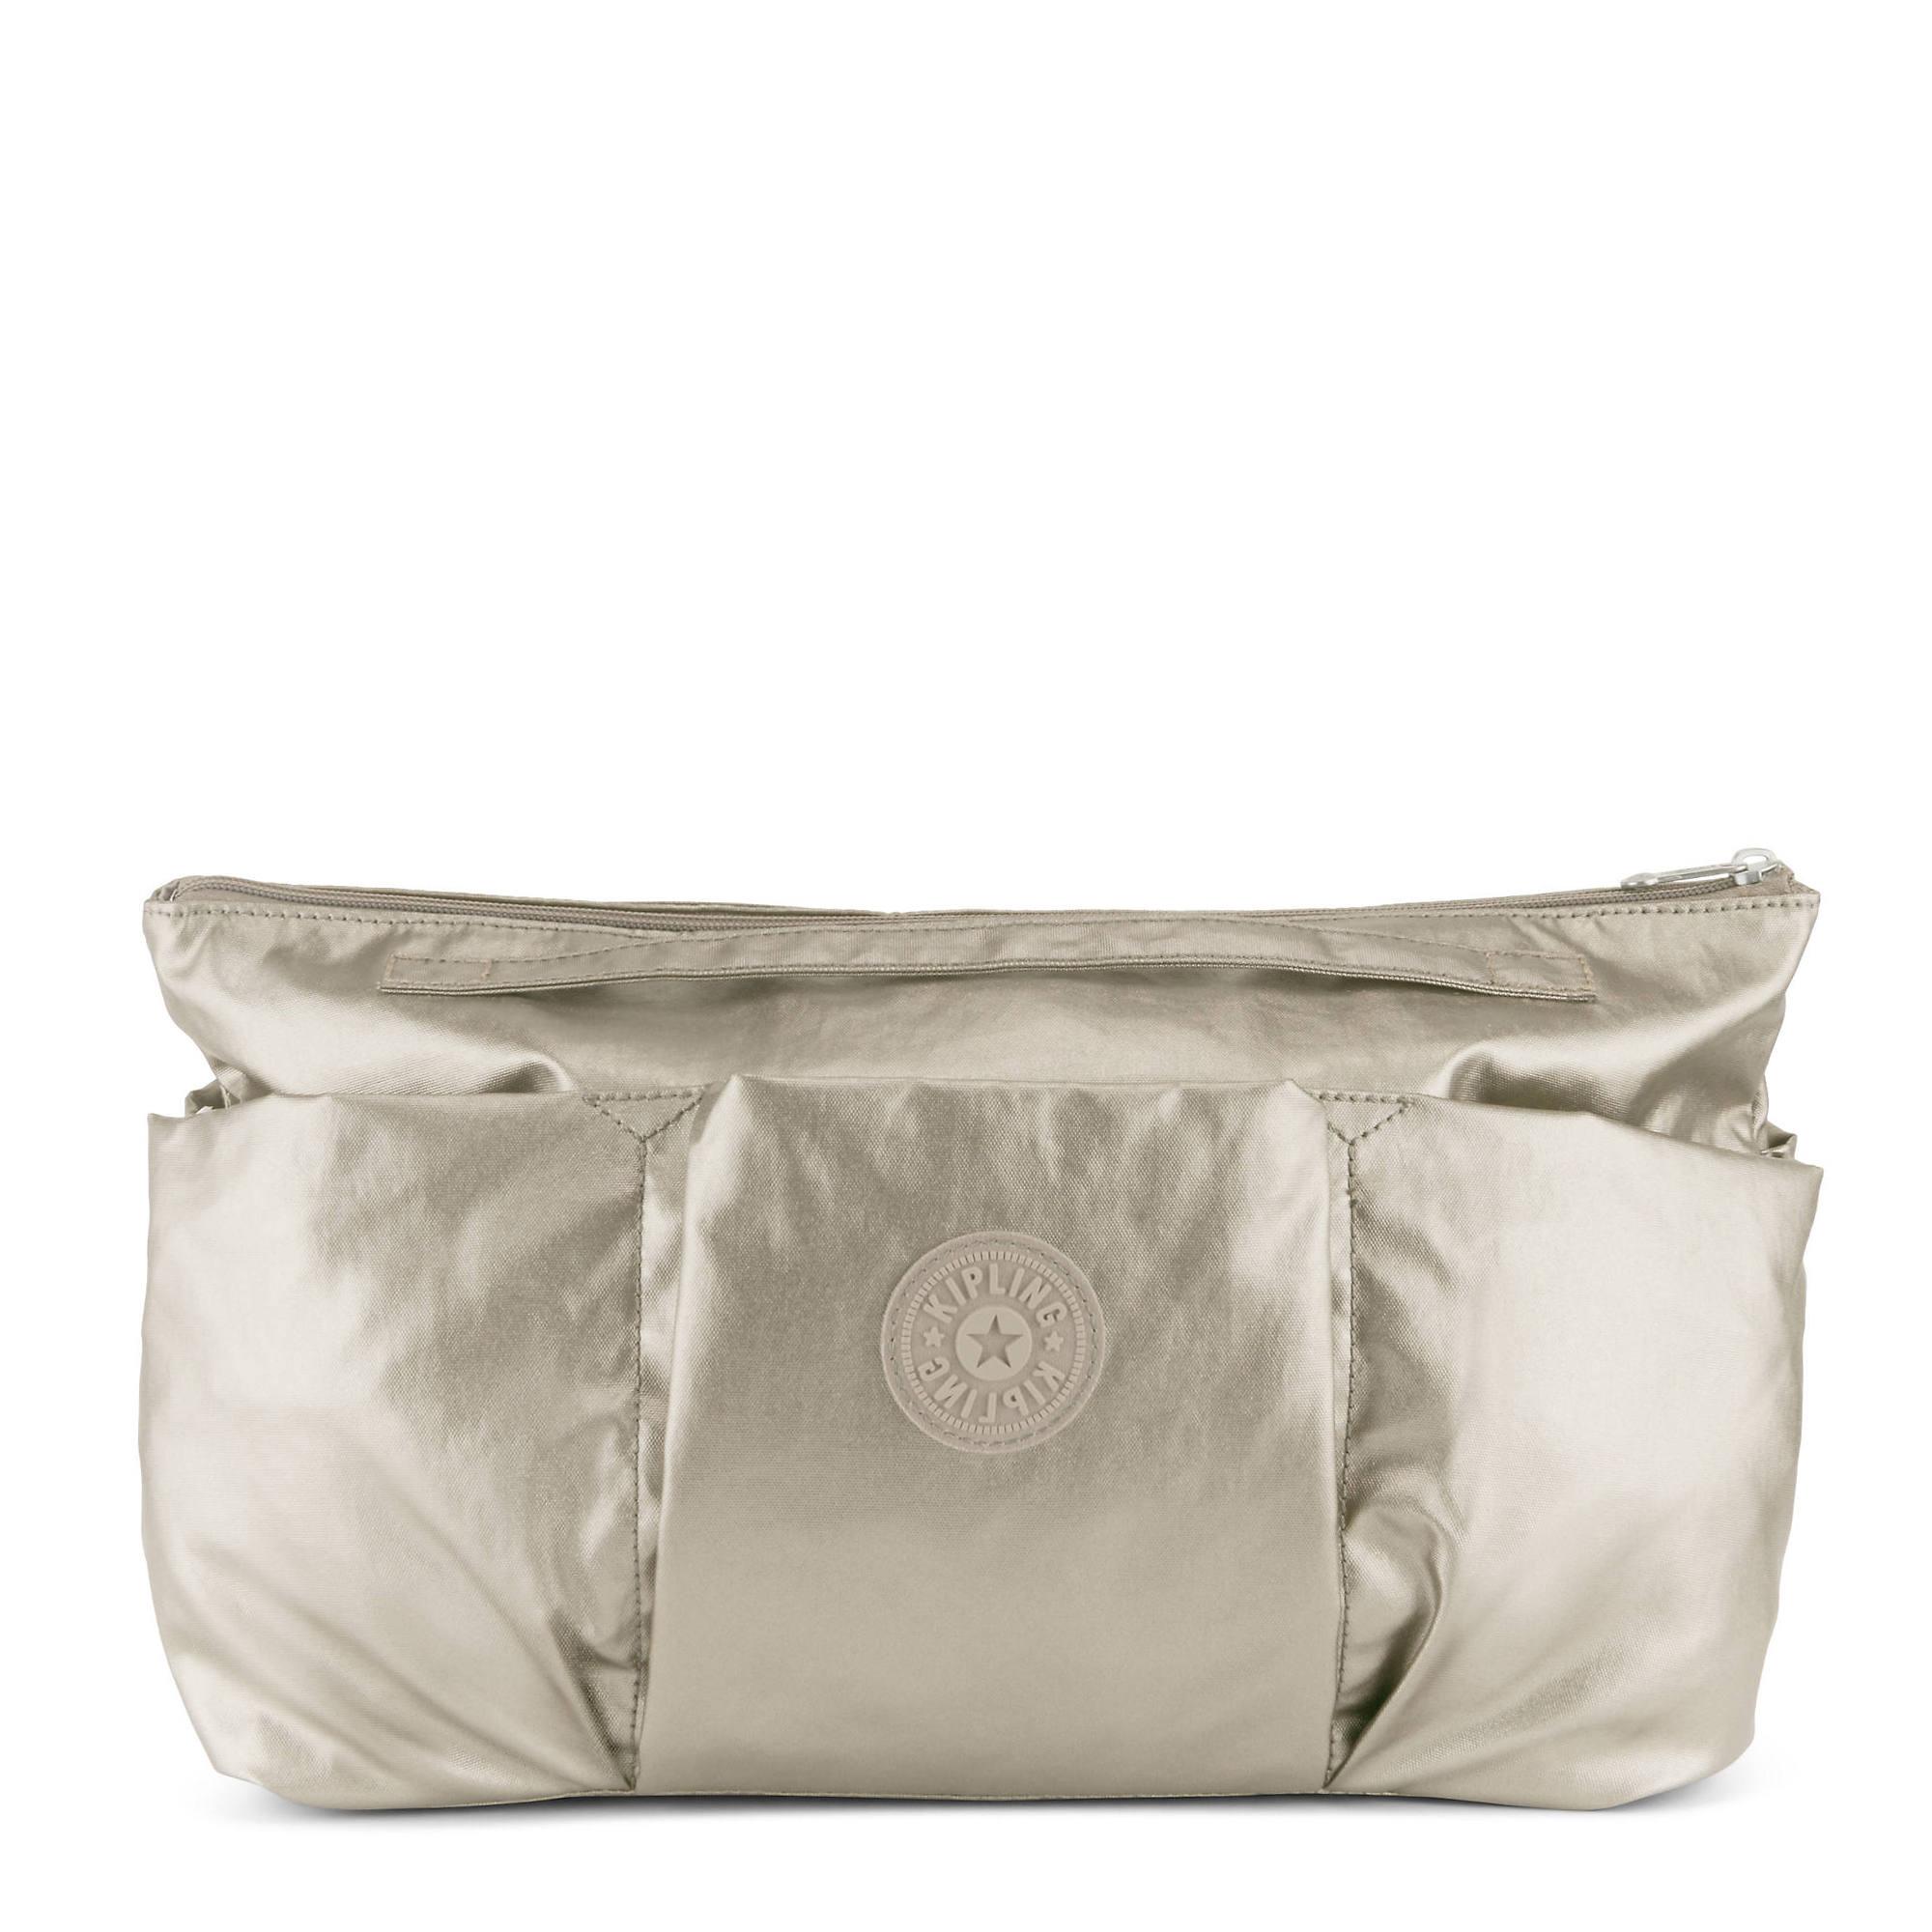 Beckett Metallic Handbag Organizer Kipling